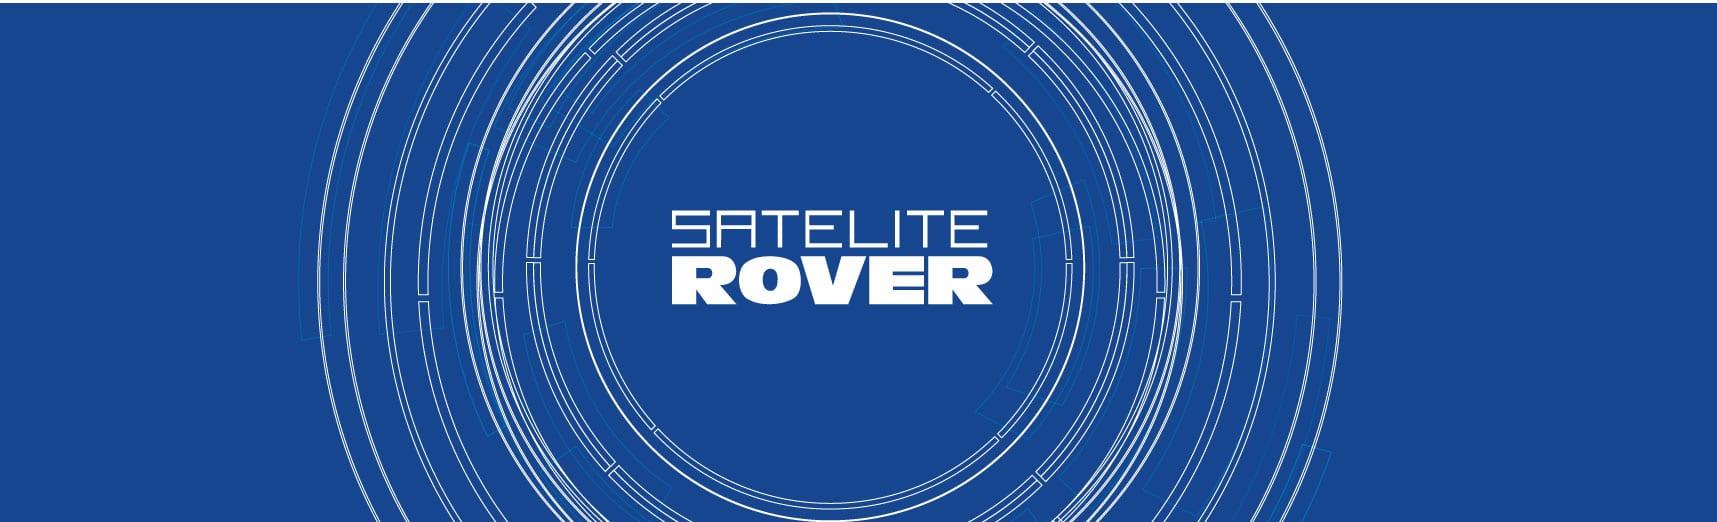 satelite-rover